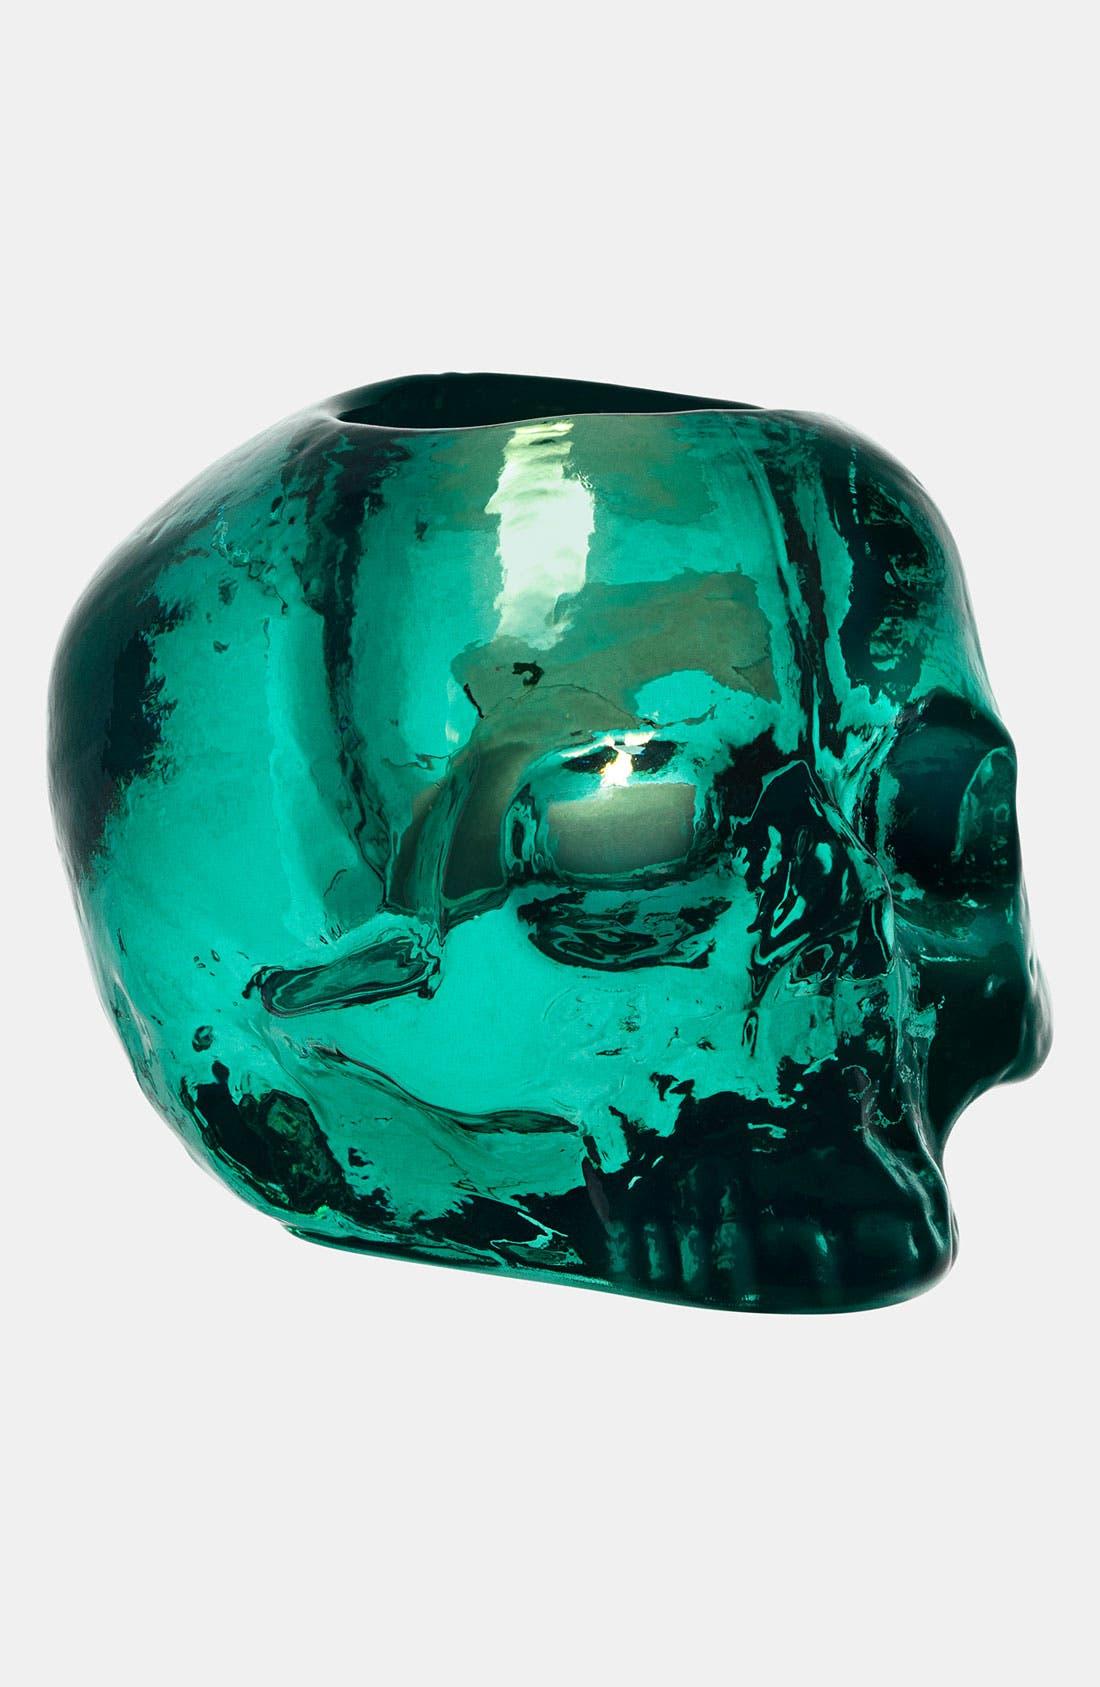 Alternate Image 1 Selected - Kosta Boda 'Still Life' Votive Holder